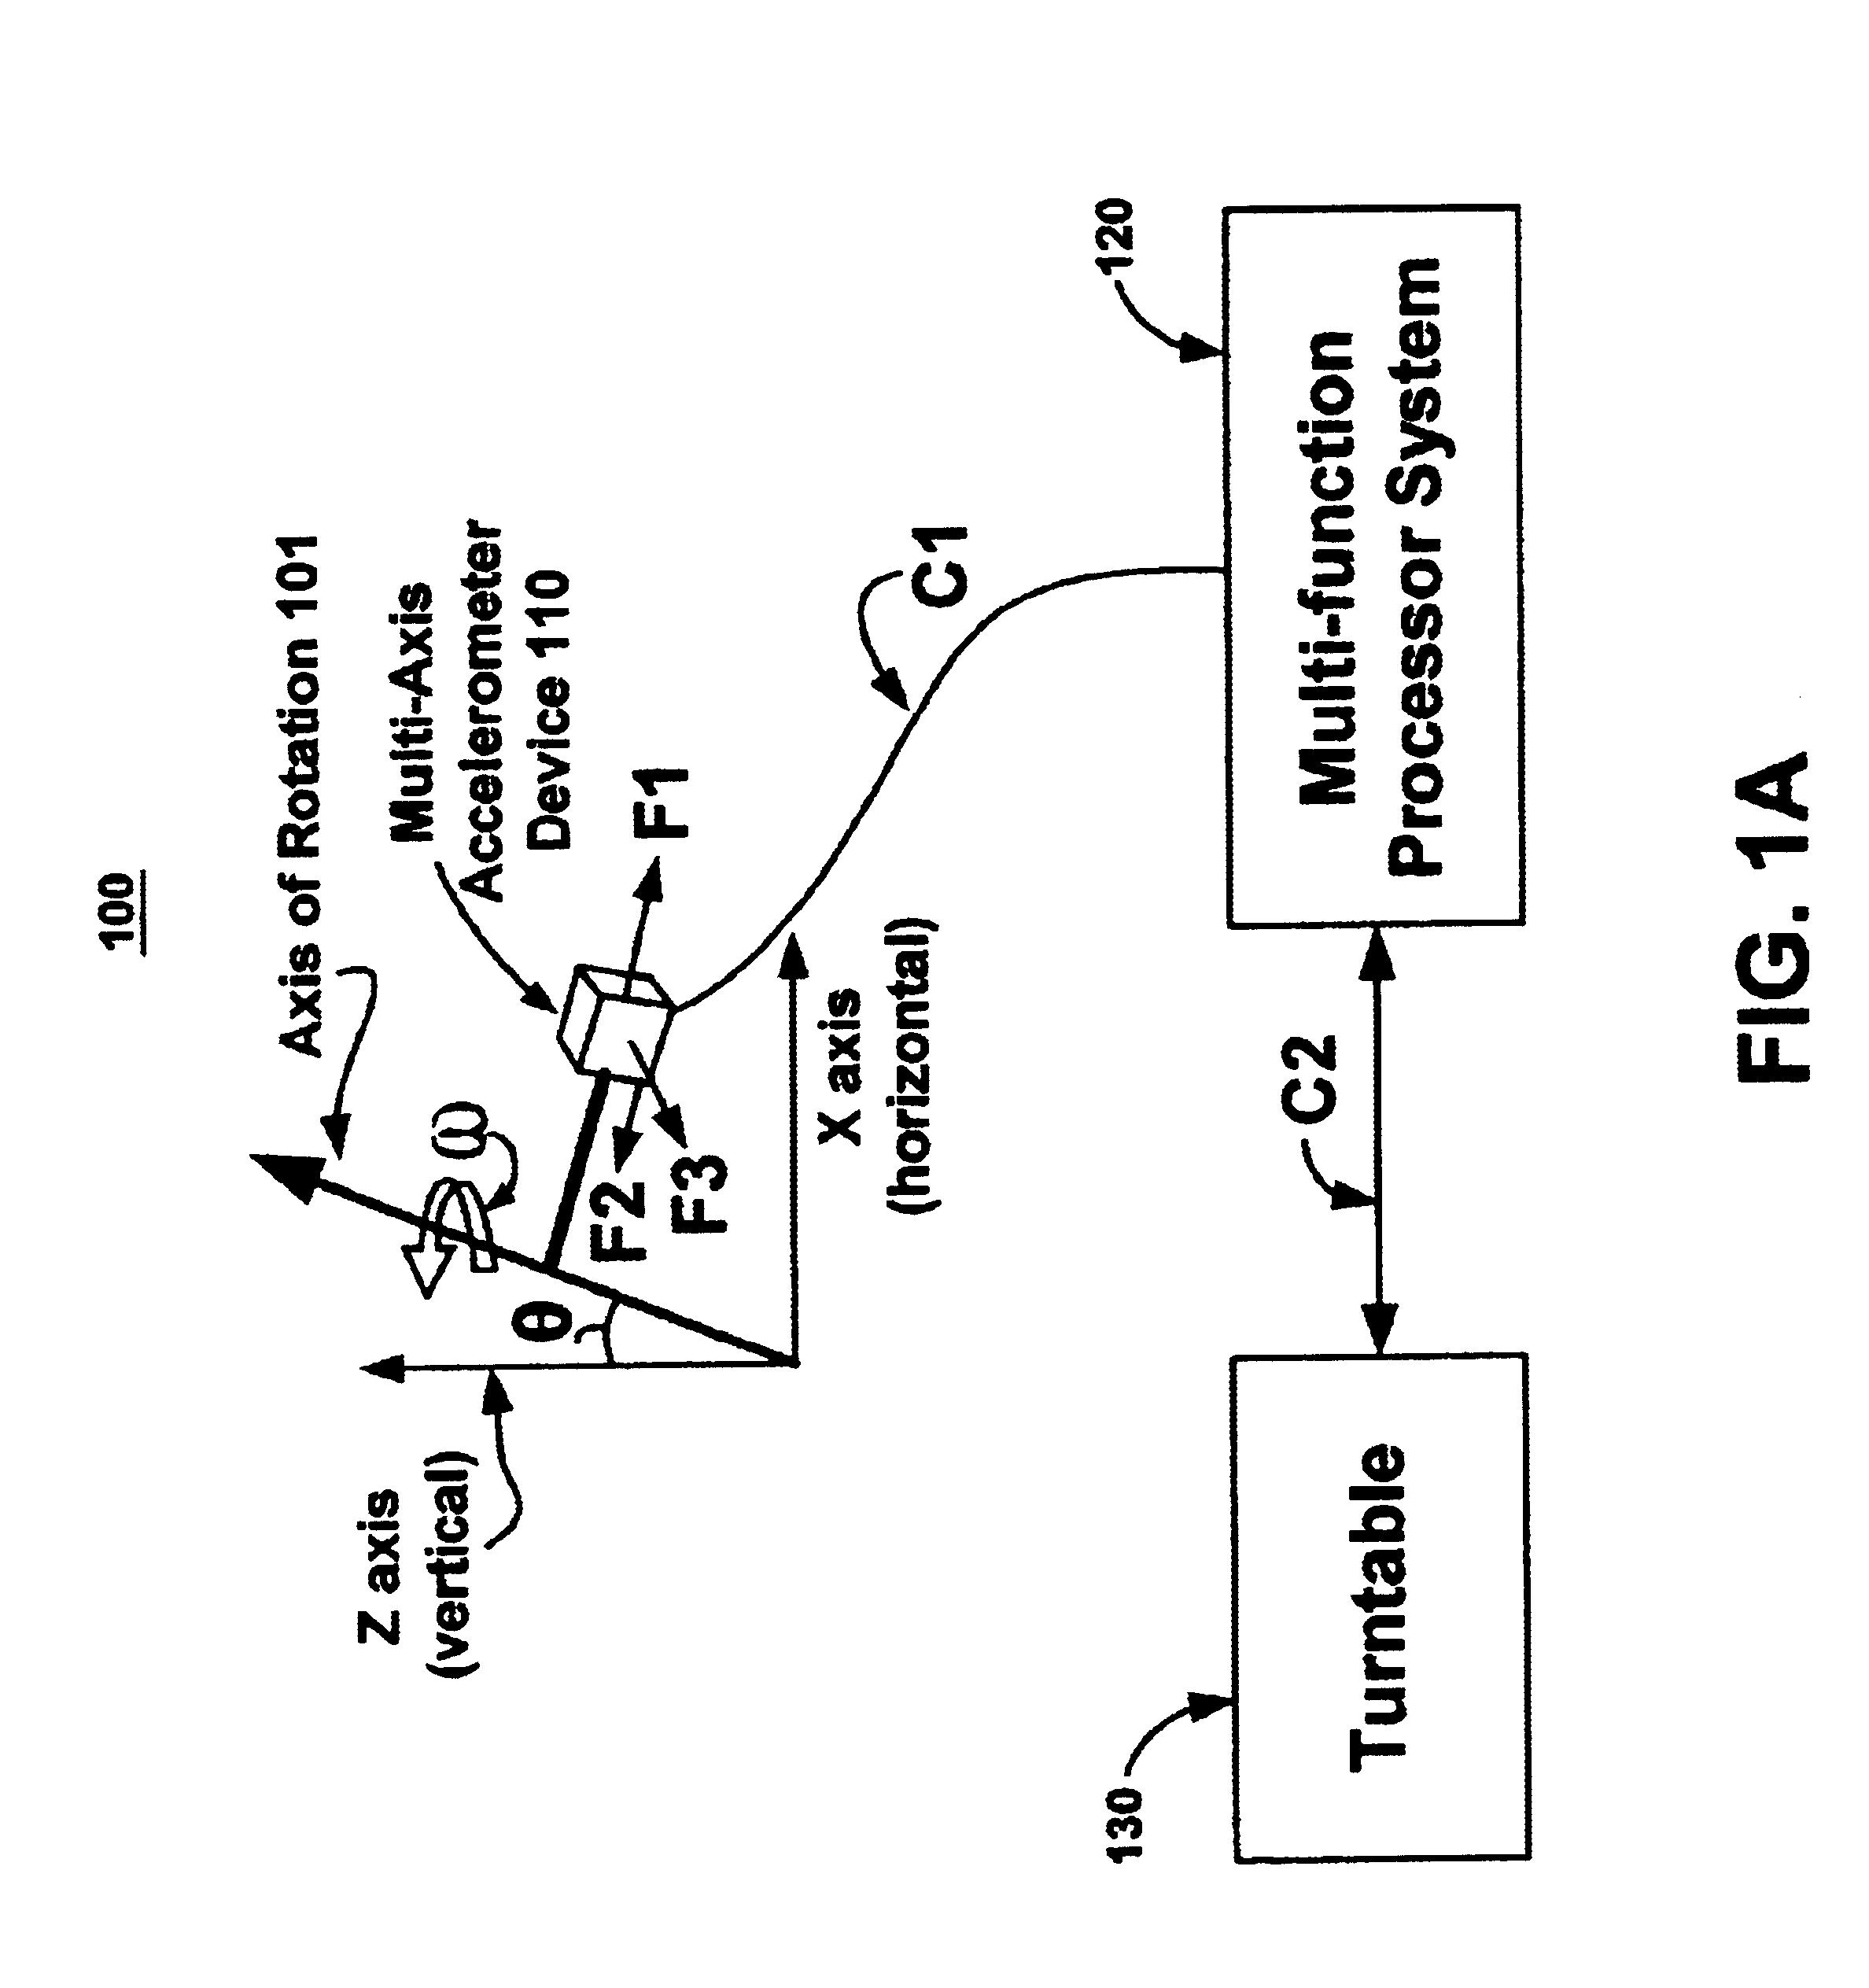 patent us6823279